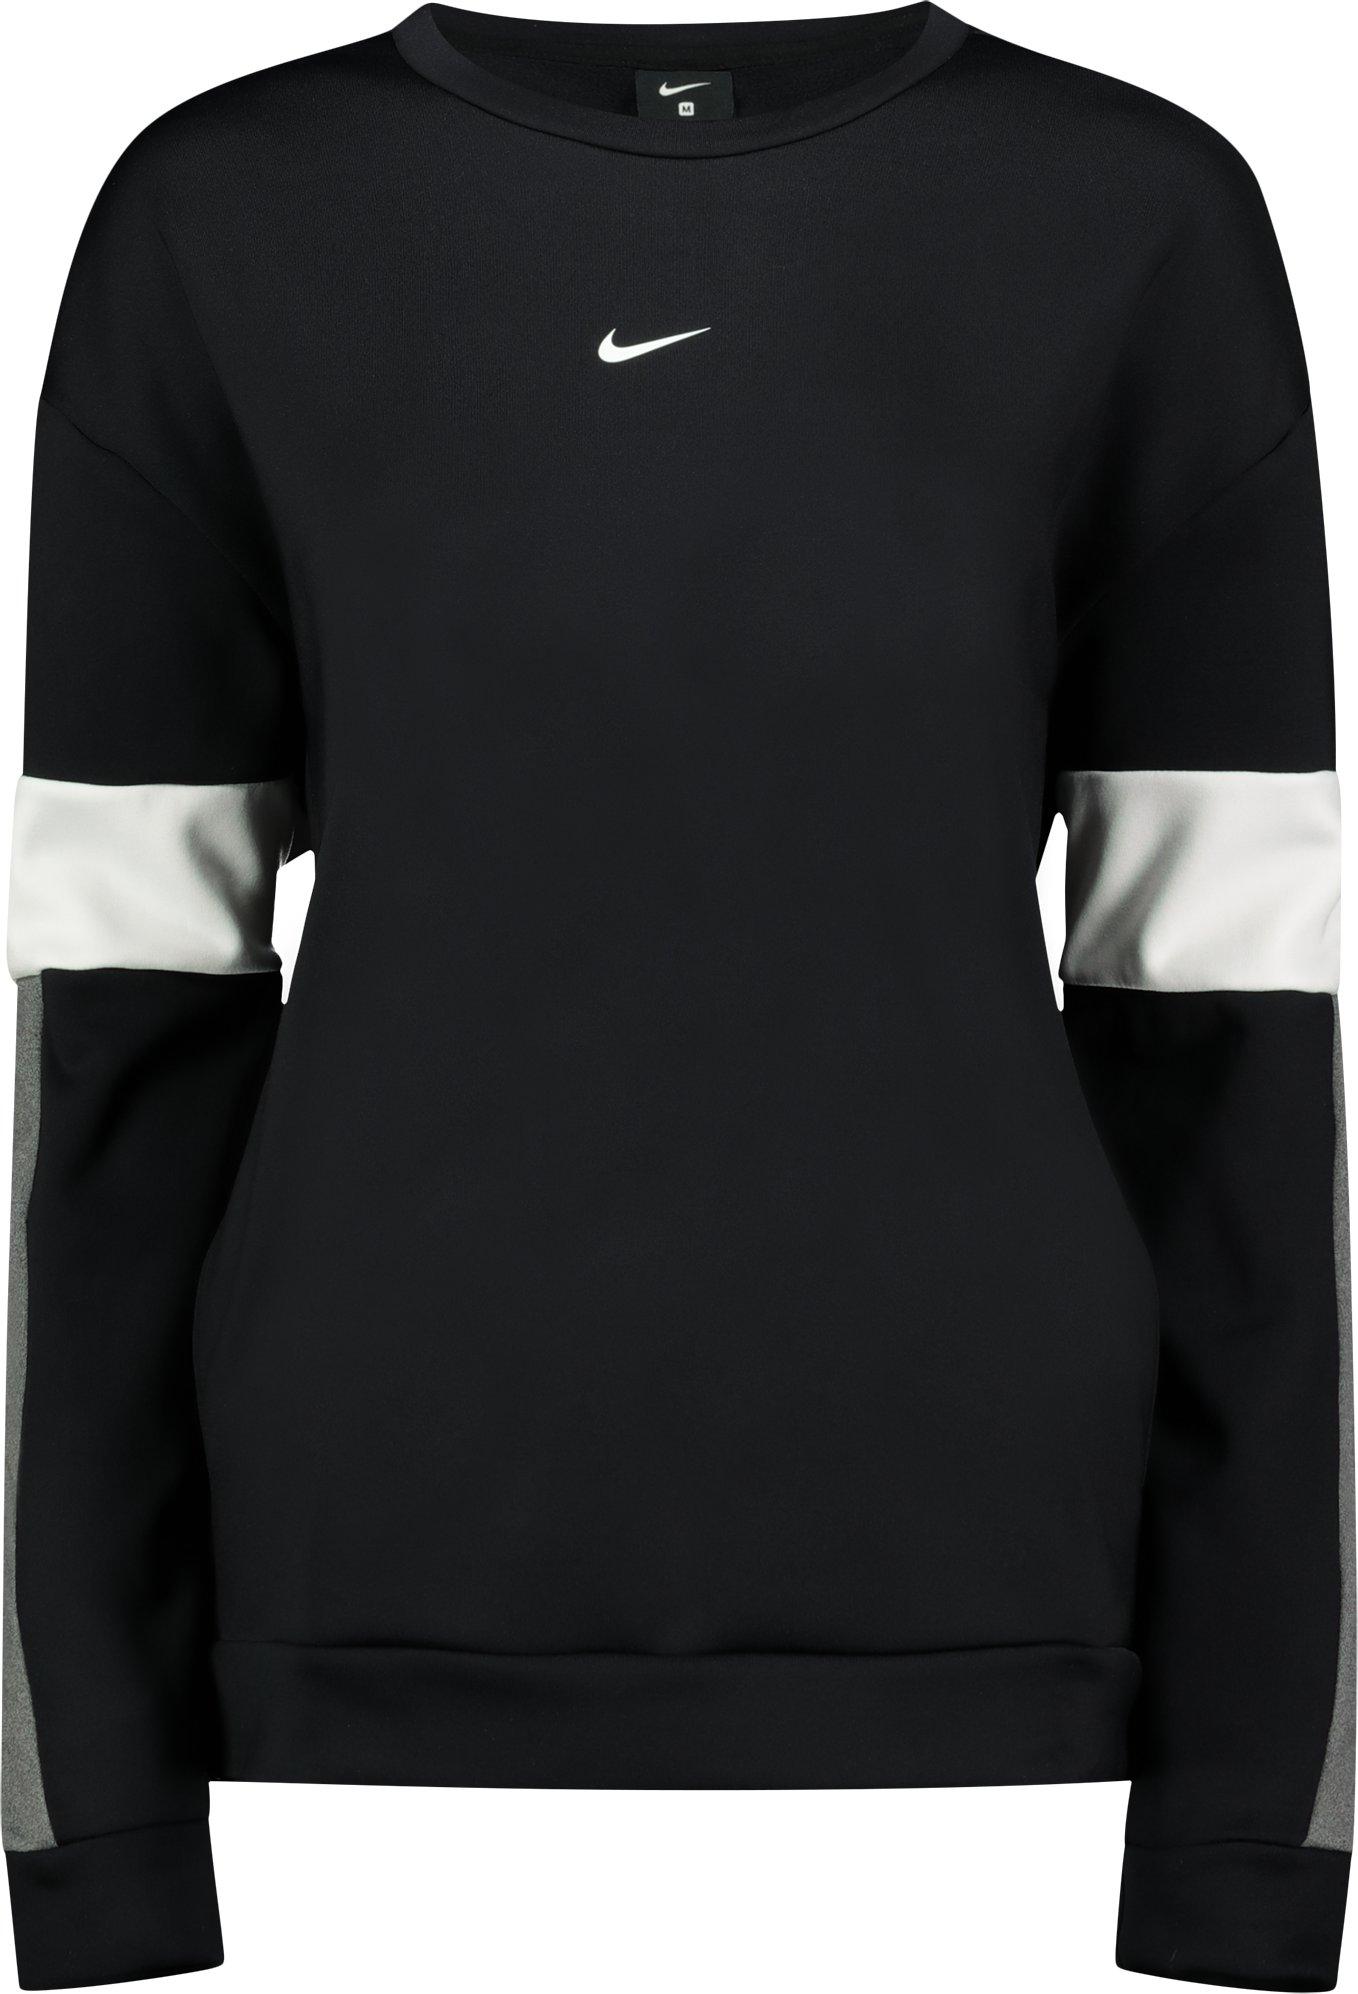 Salg Nike Gensere til dame på tilbud | FASHIOLA